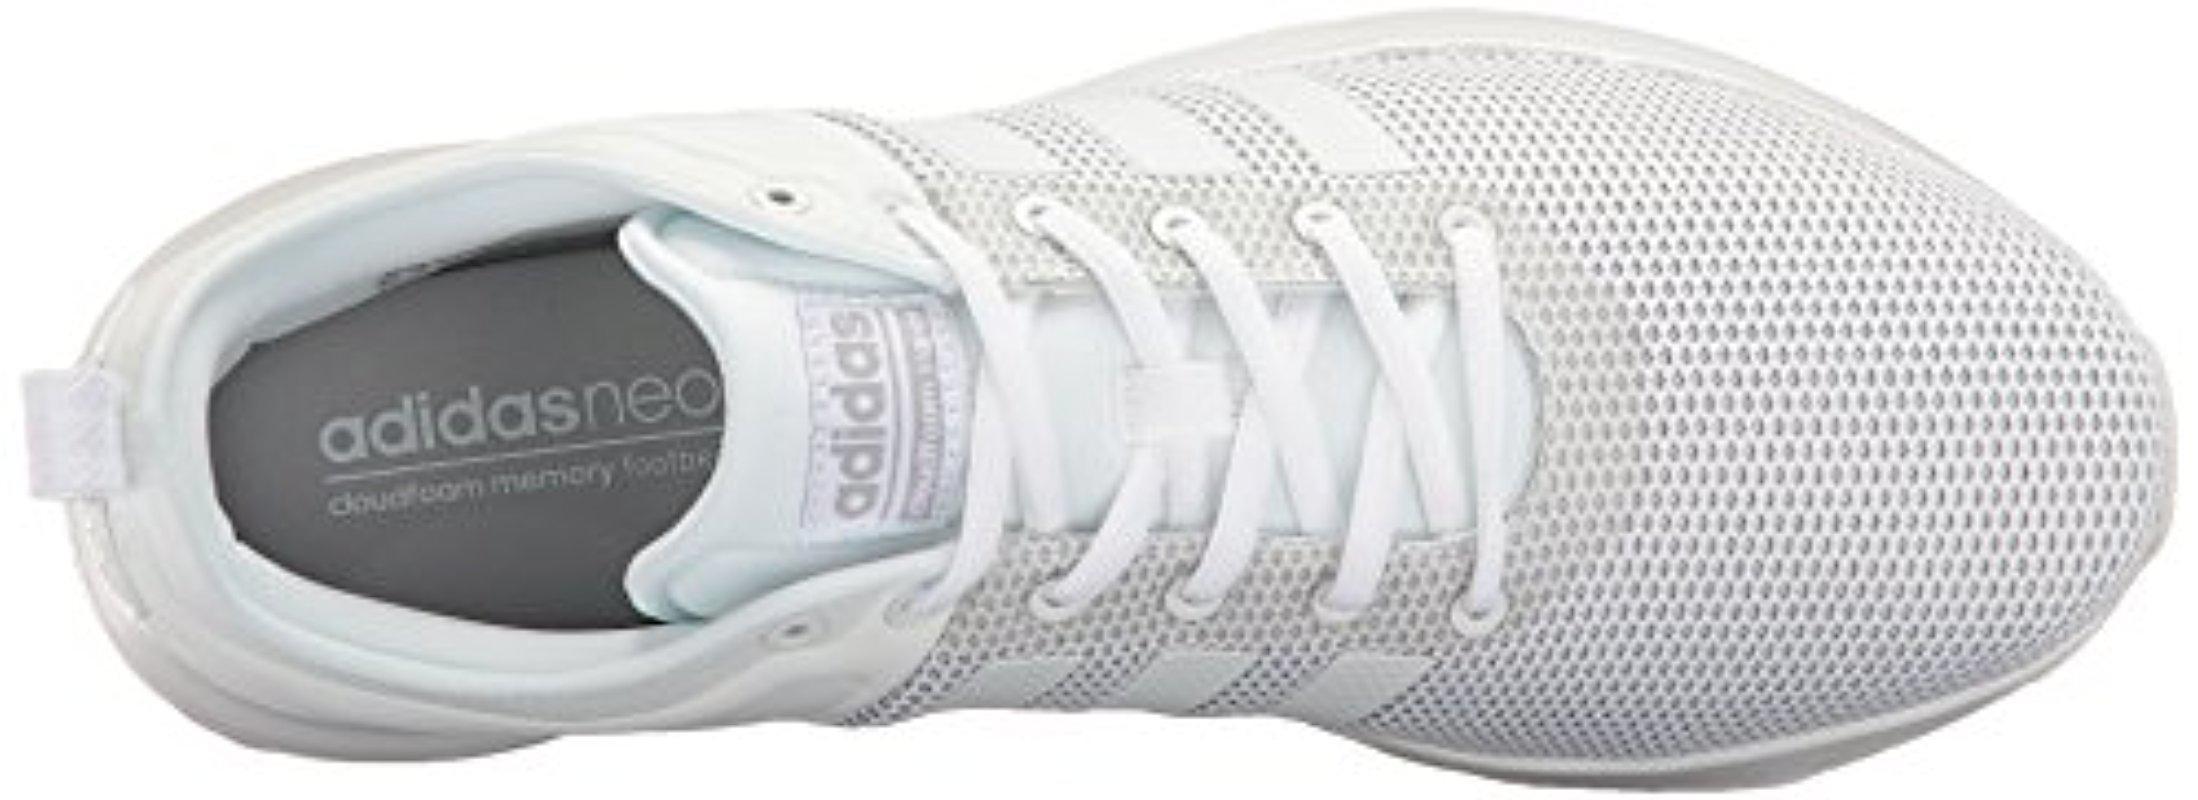 Zapatillas super de correre blancas lyst adidas originali cloudfoam